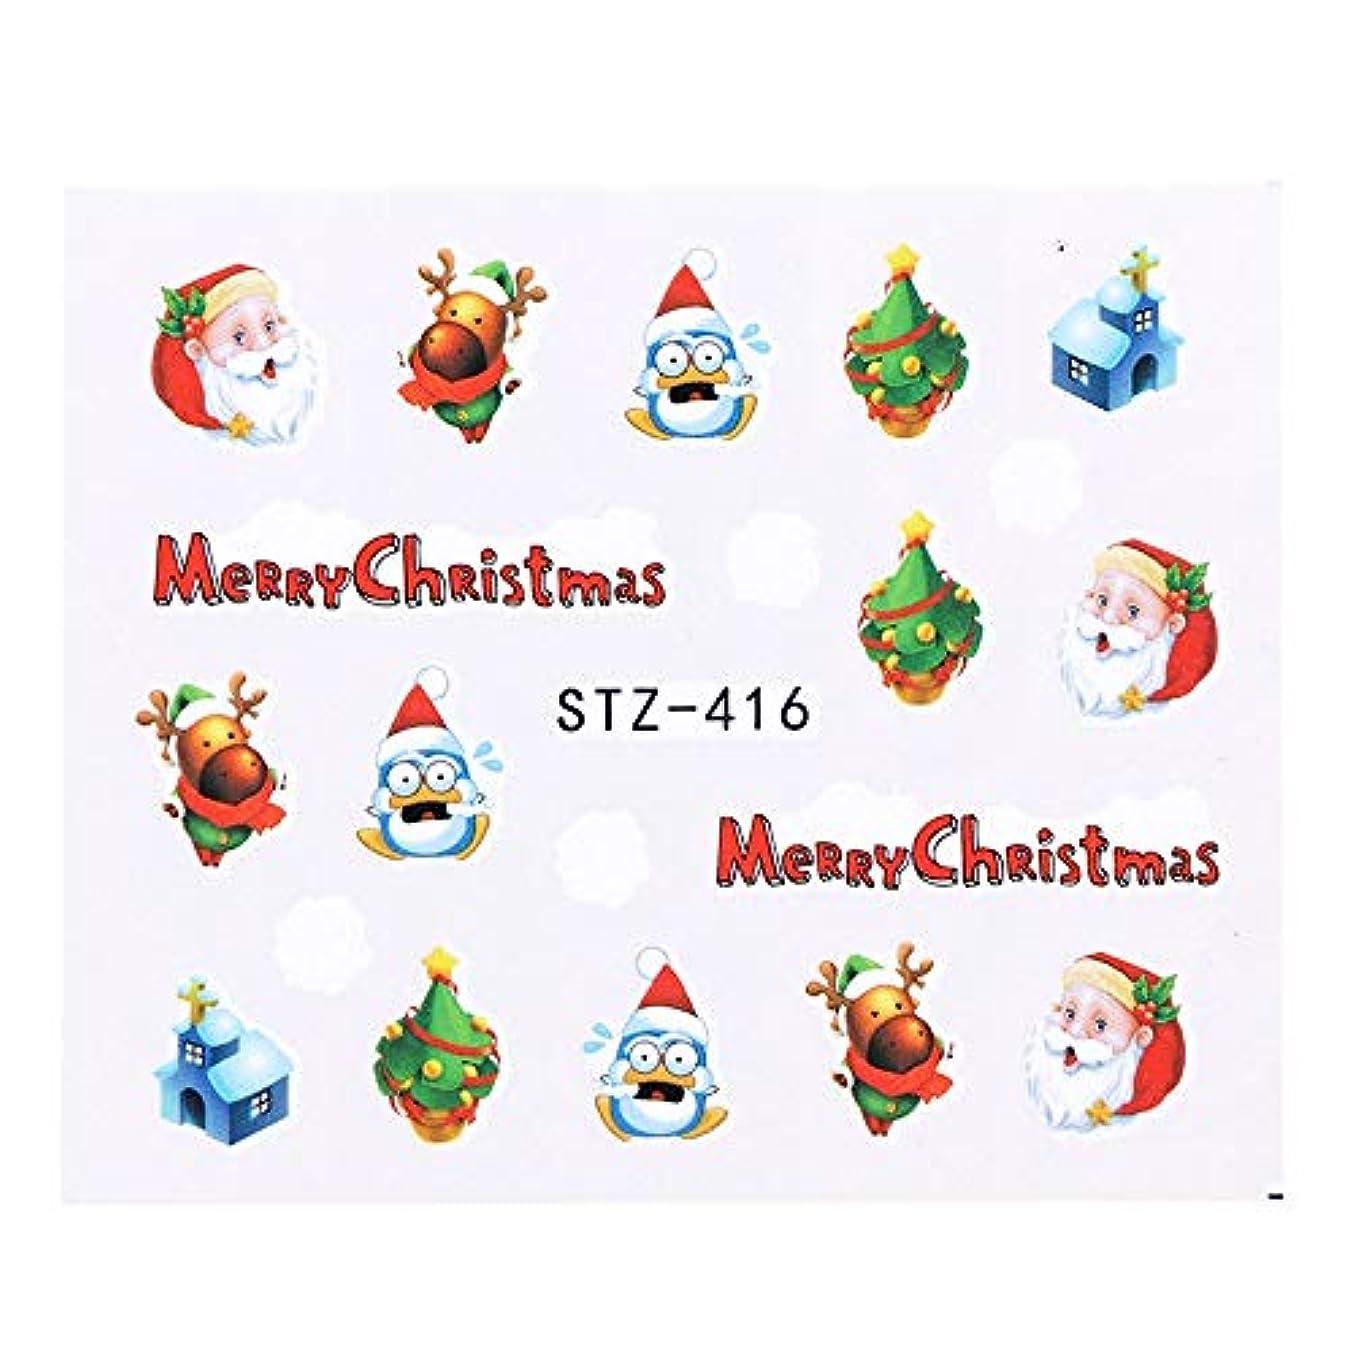 義務づける無駄囲い1シートクリスマスネイルアートウォーターステッカー漫画ヘラジカ雪だるまフルカバースライダーのヒントポーランドゲルジェルネイル装飾SASTZ405-438 STZ416